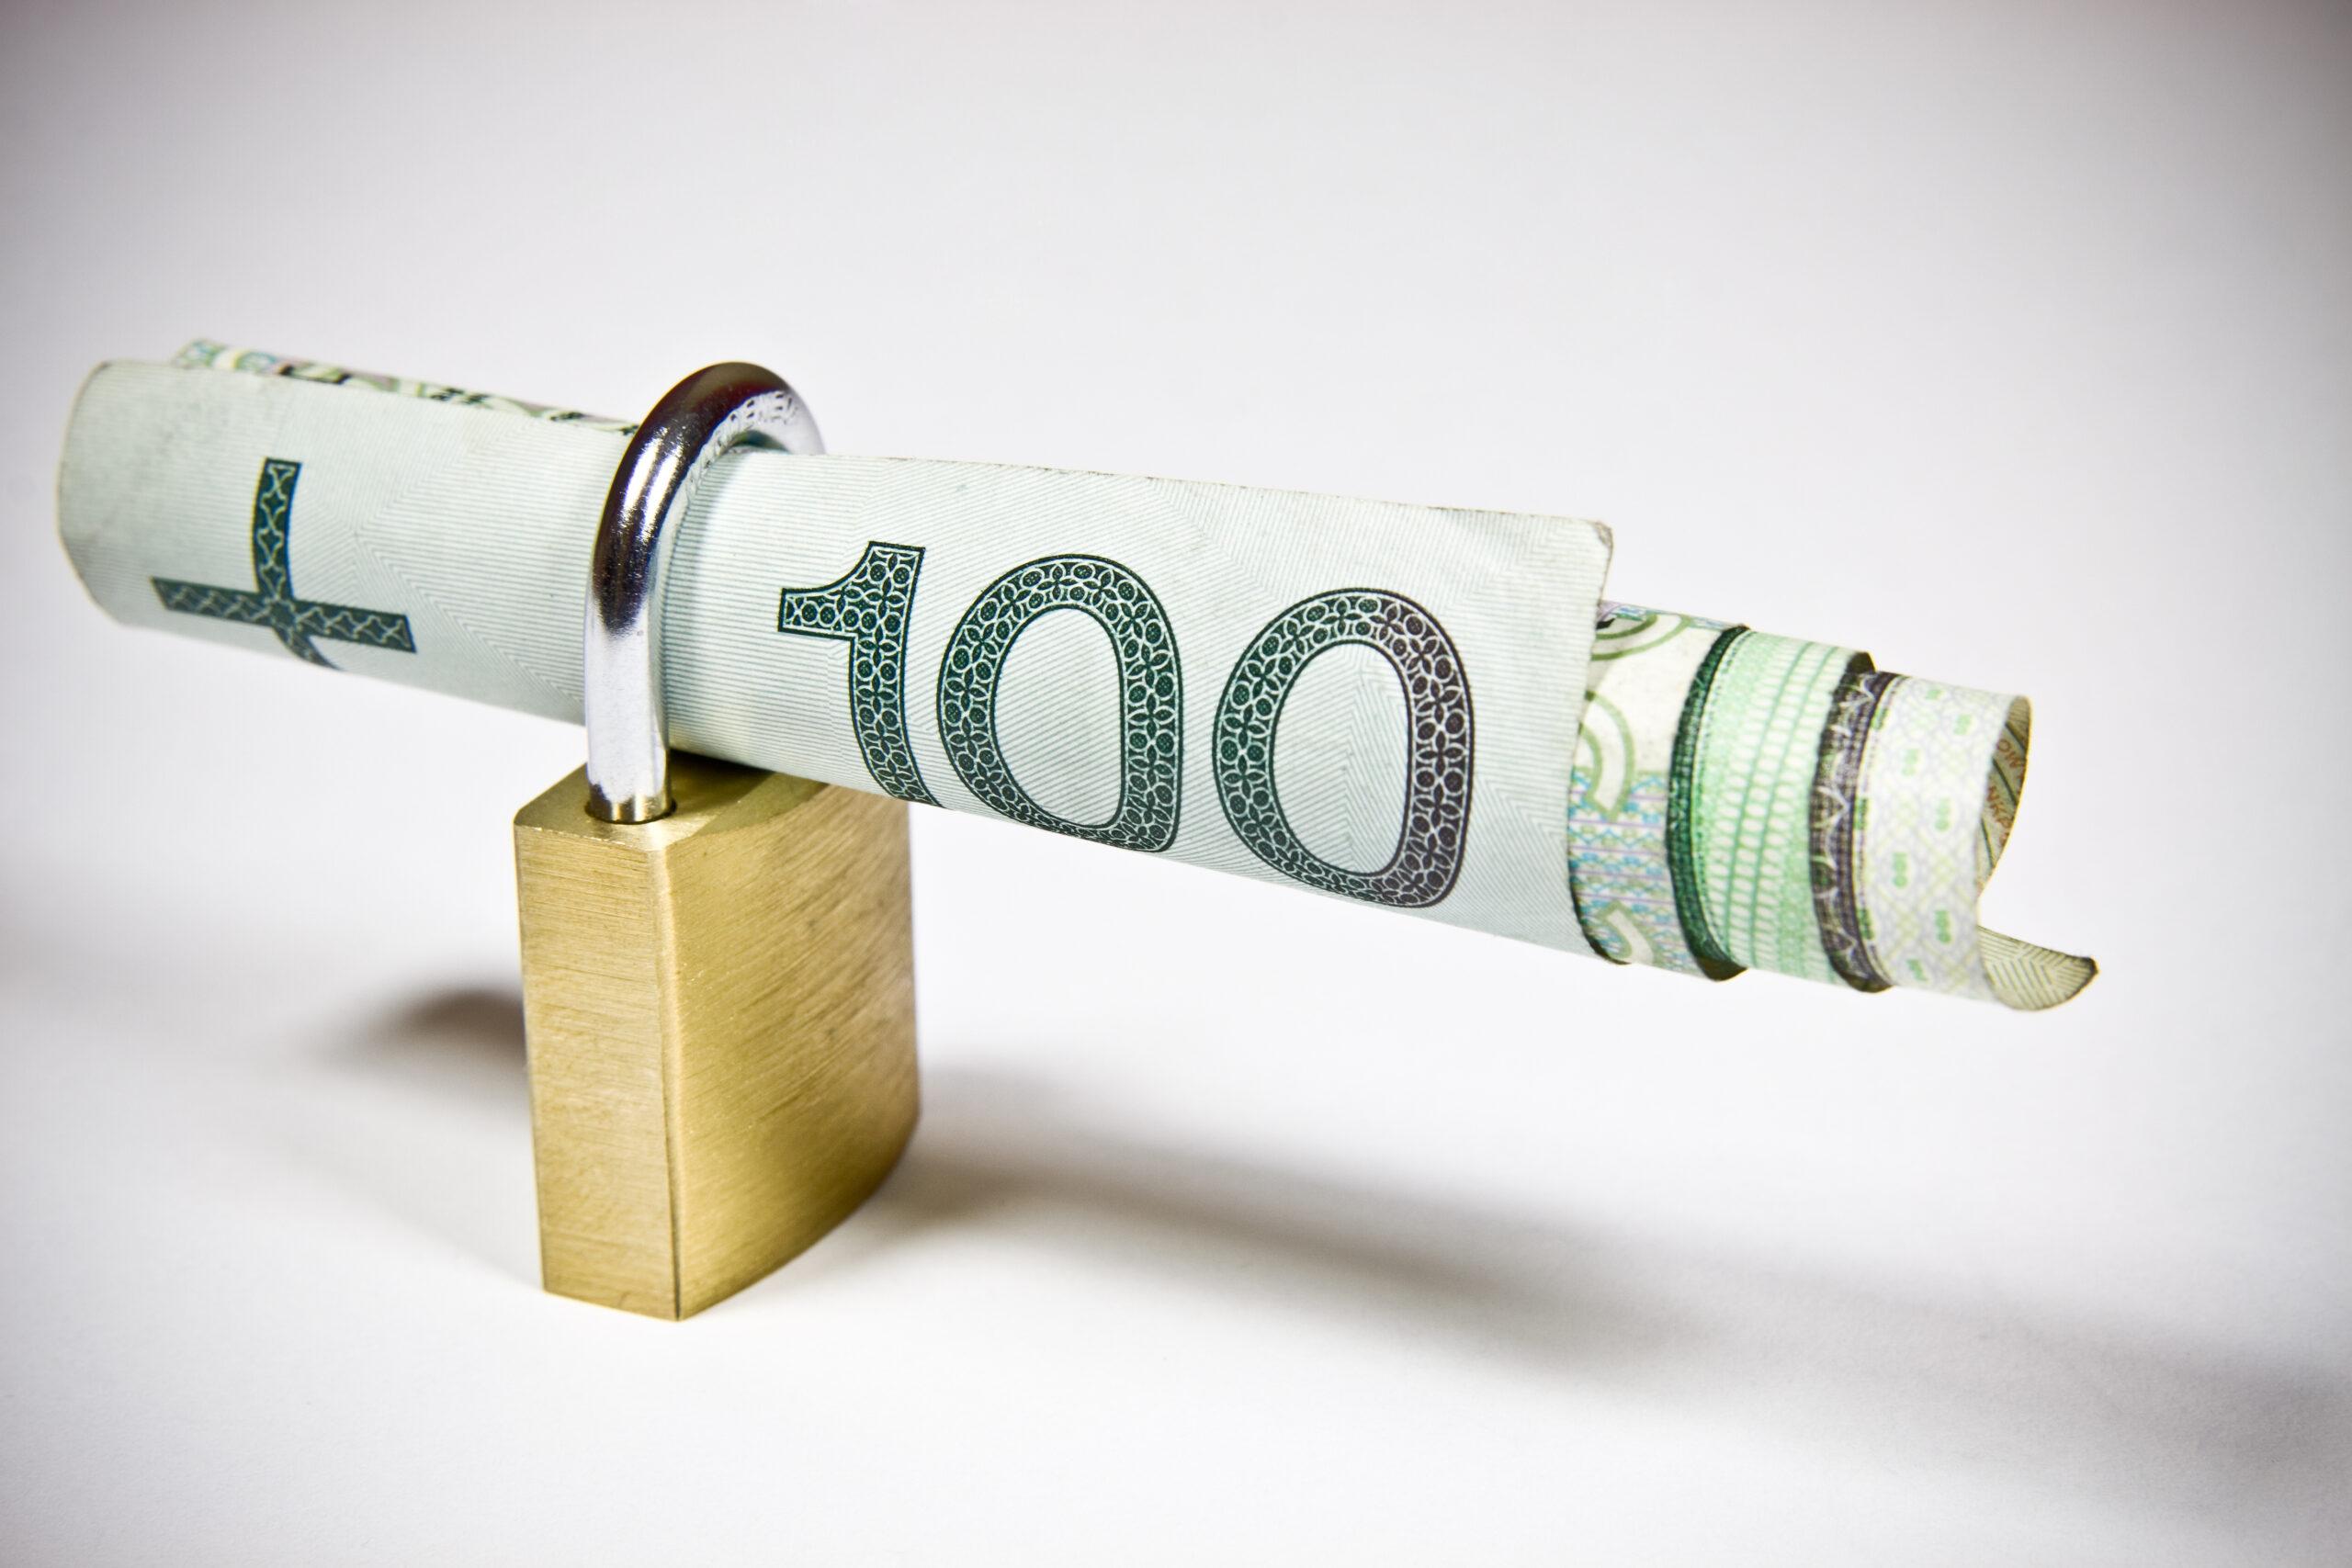 Blokada rachunku bankowego na podstawie tzw. przepisów STIR – czy i jak można jązakwestionować?